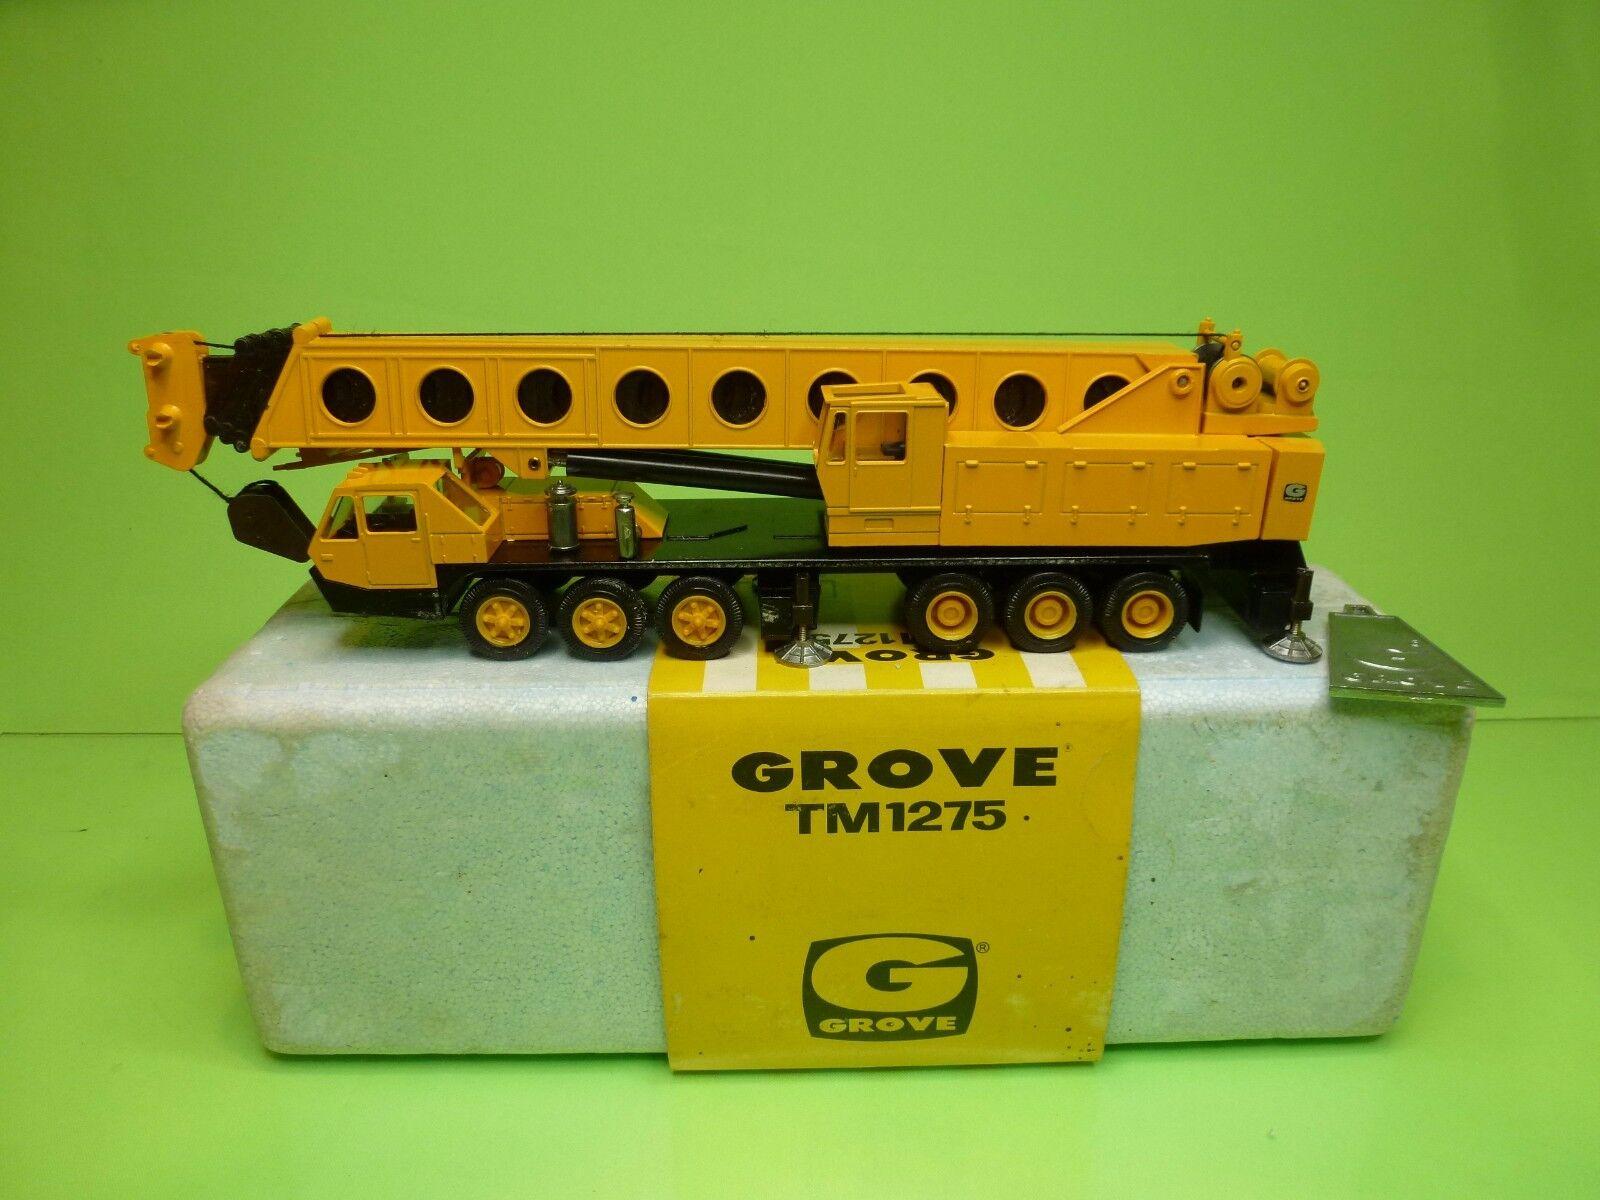 barato NZG MODELLE MOBILE TELESCOP CRAN GROVE TM1275    - amarillo 1 60 - GCIB  moda clasica